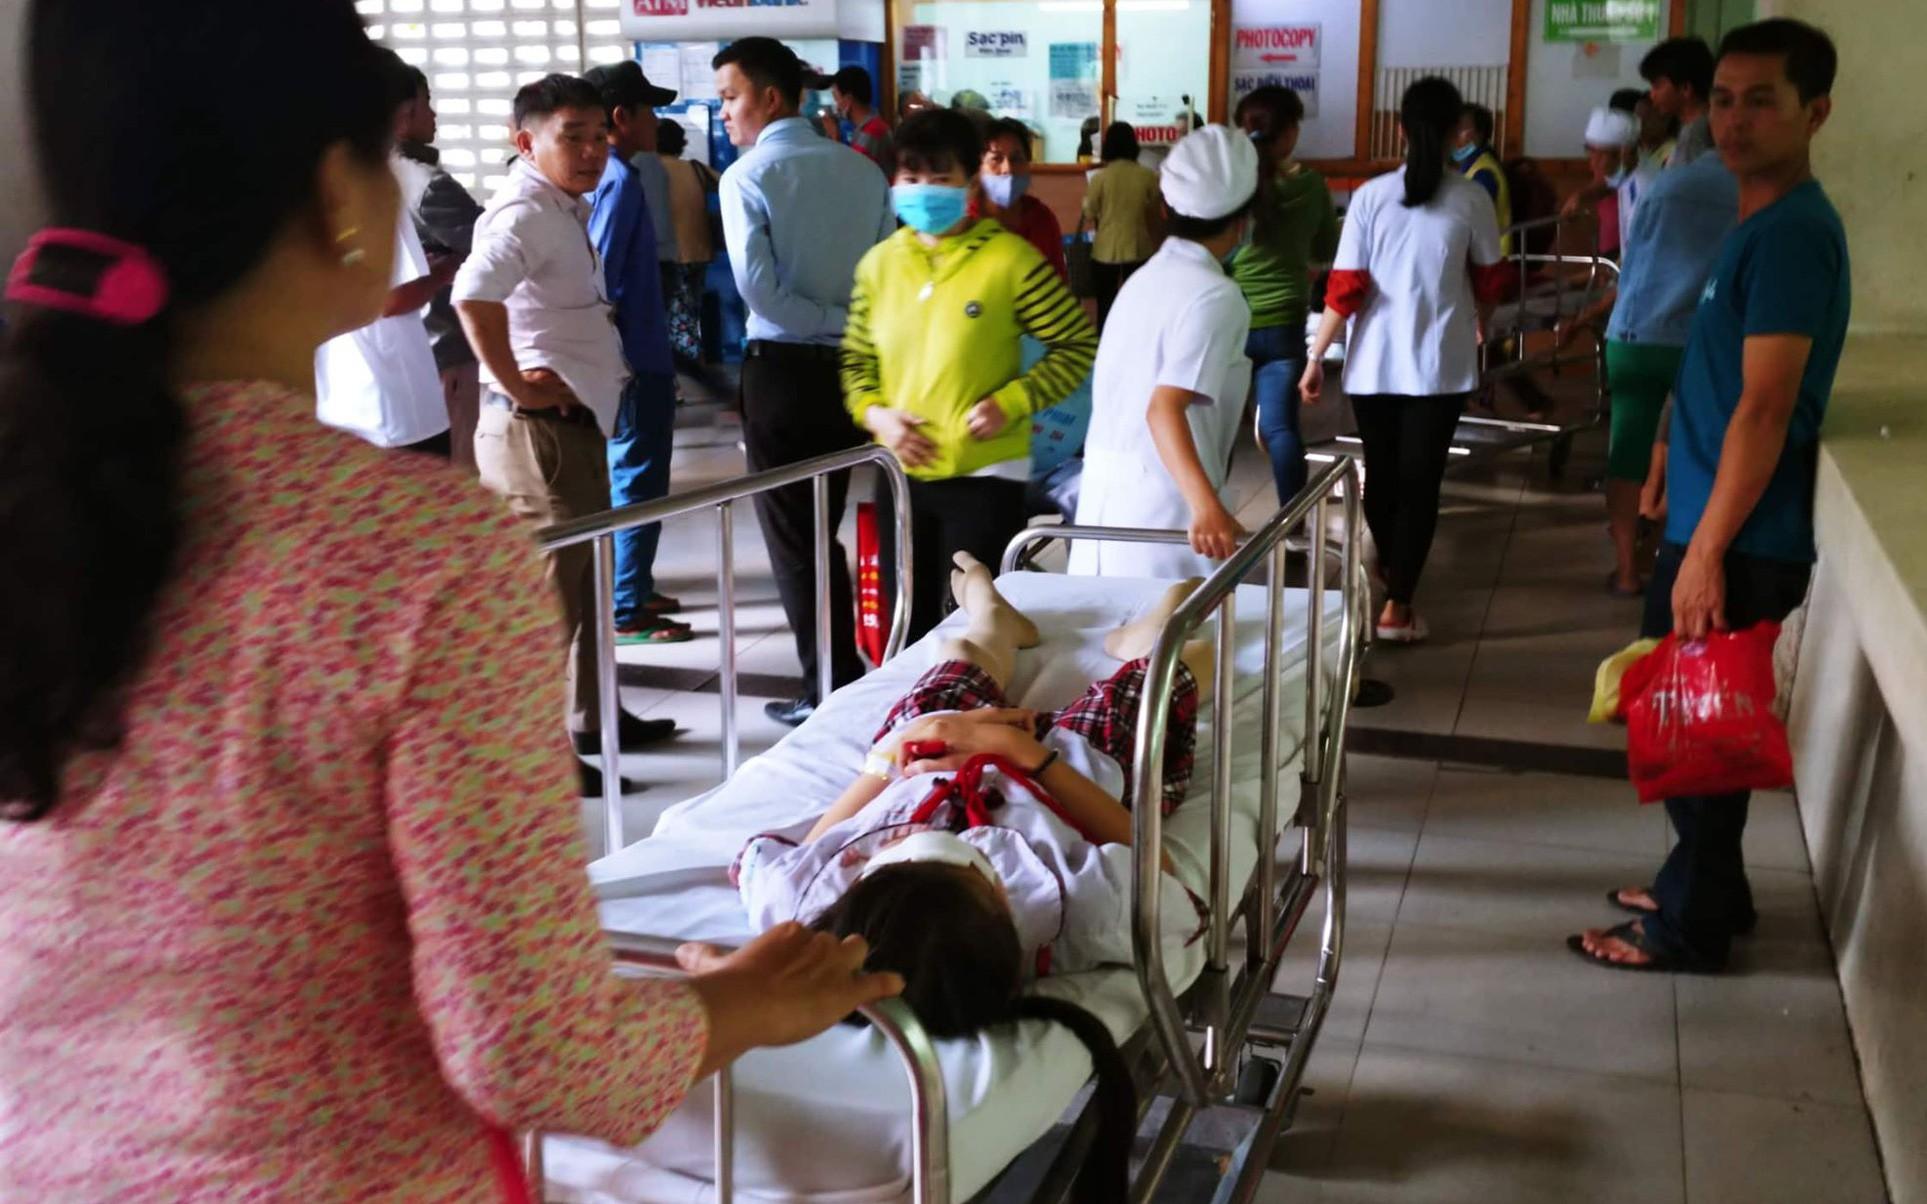 Sập giàn giáo ở trường tiểu học ngày 20/11: 19 học sinh ra viện, 1 em xuất huyết dưới nhện nặng